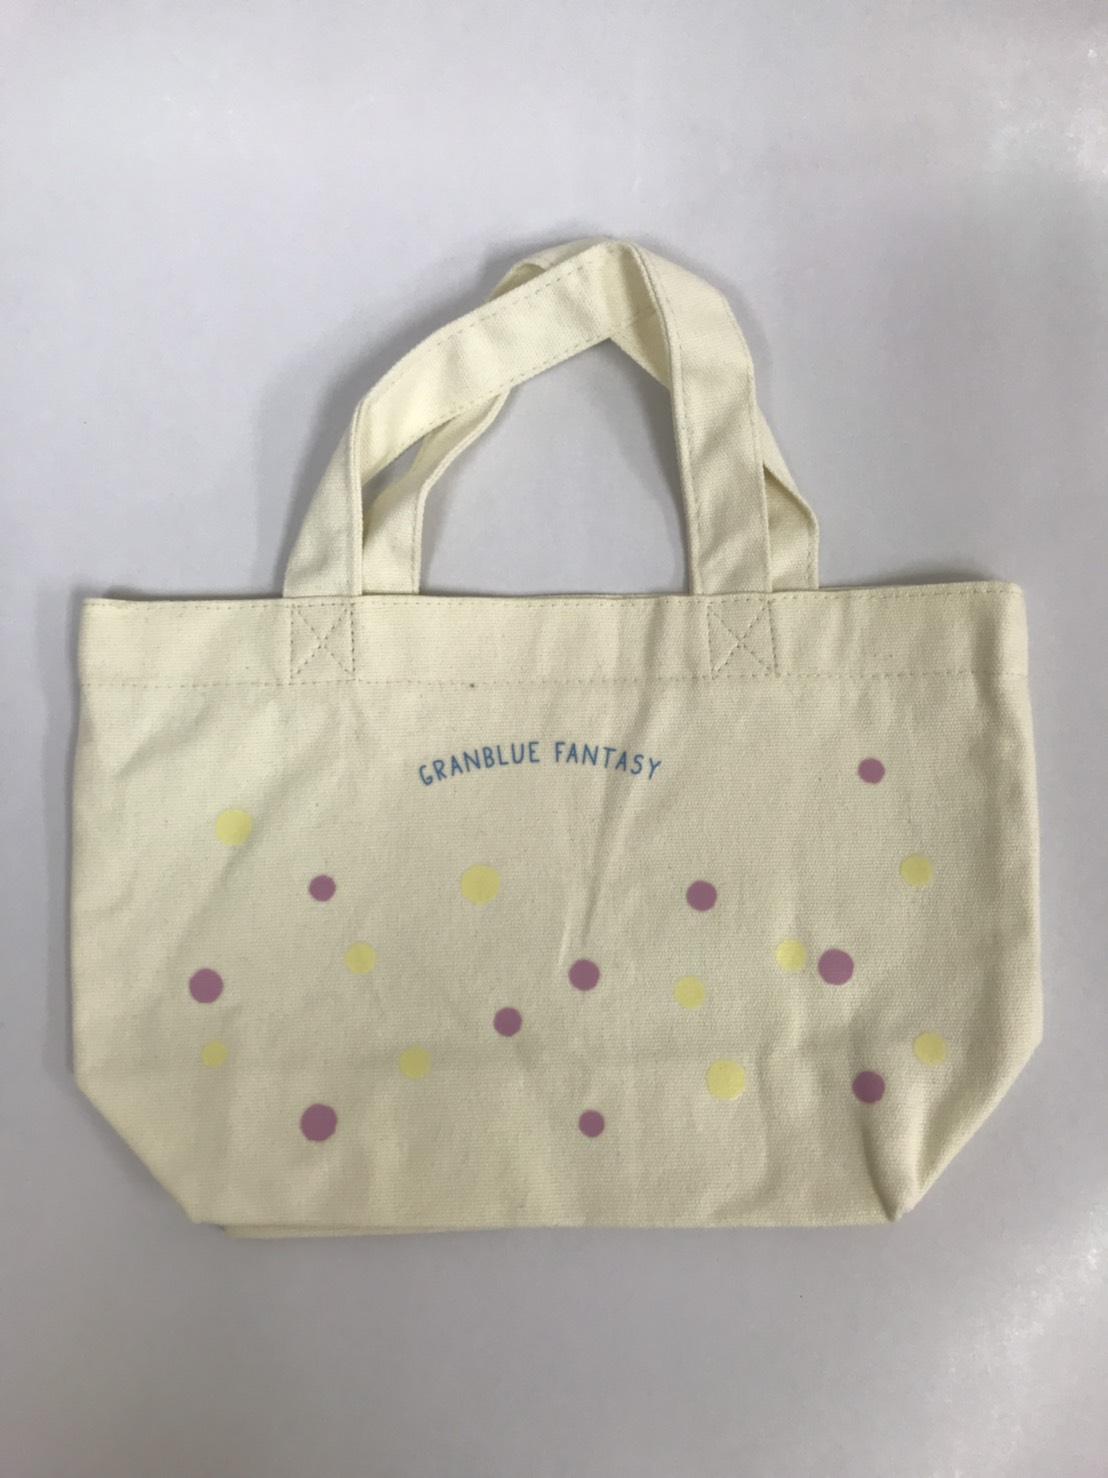 棉帆布T型袋 編號: CS-CA0008